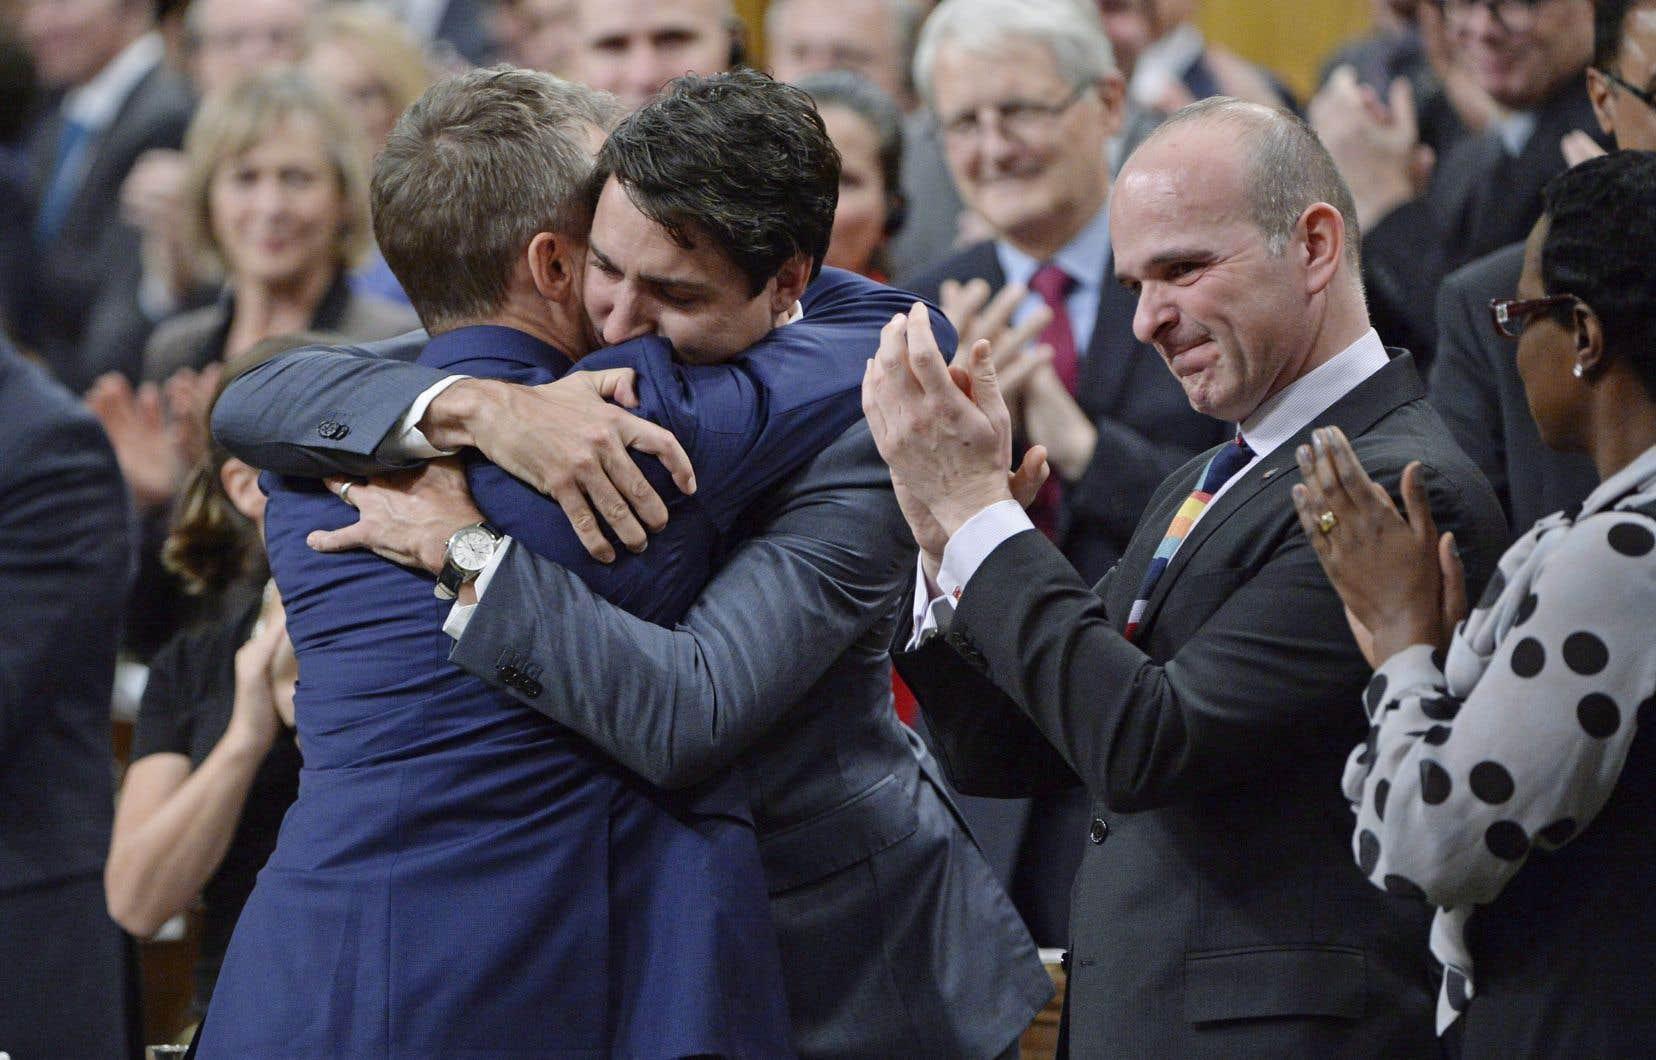 Le ministre des Anciens combattants, Seamus O'Regan, est allé faire l'accolade au premier ministre Justin Trudeau après son discours.